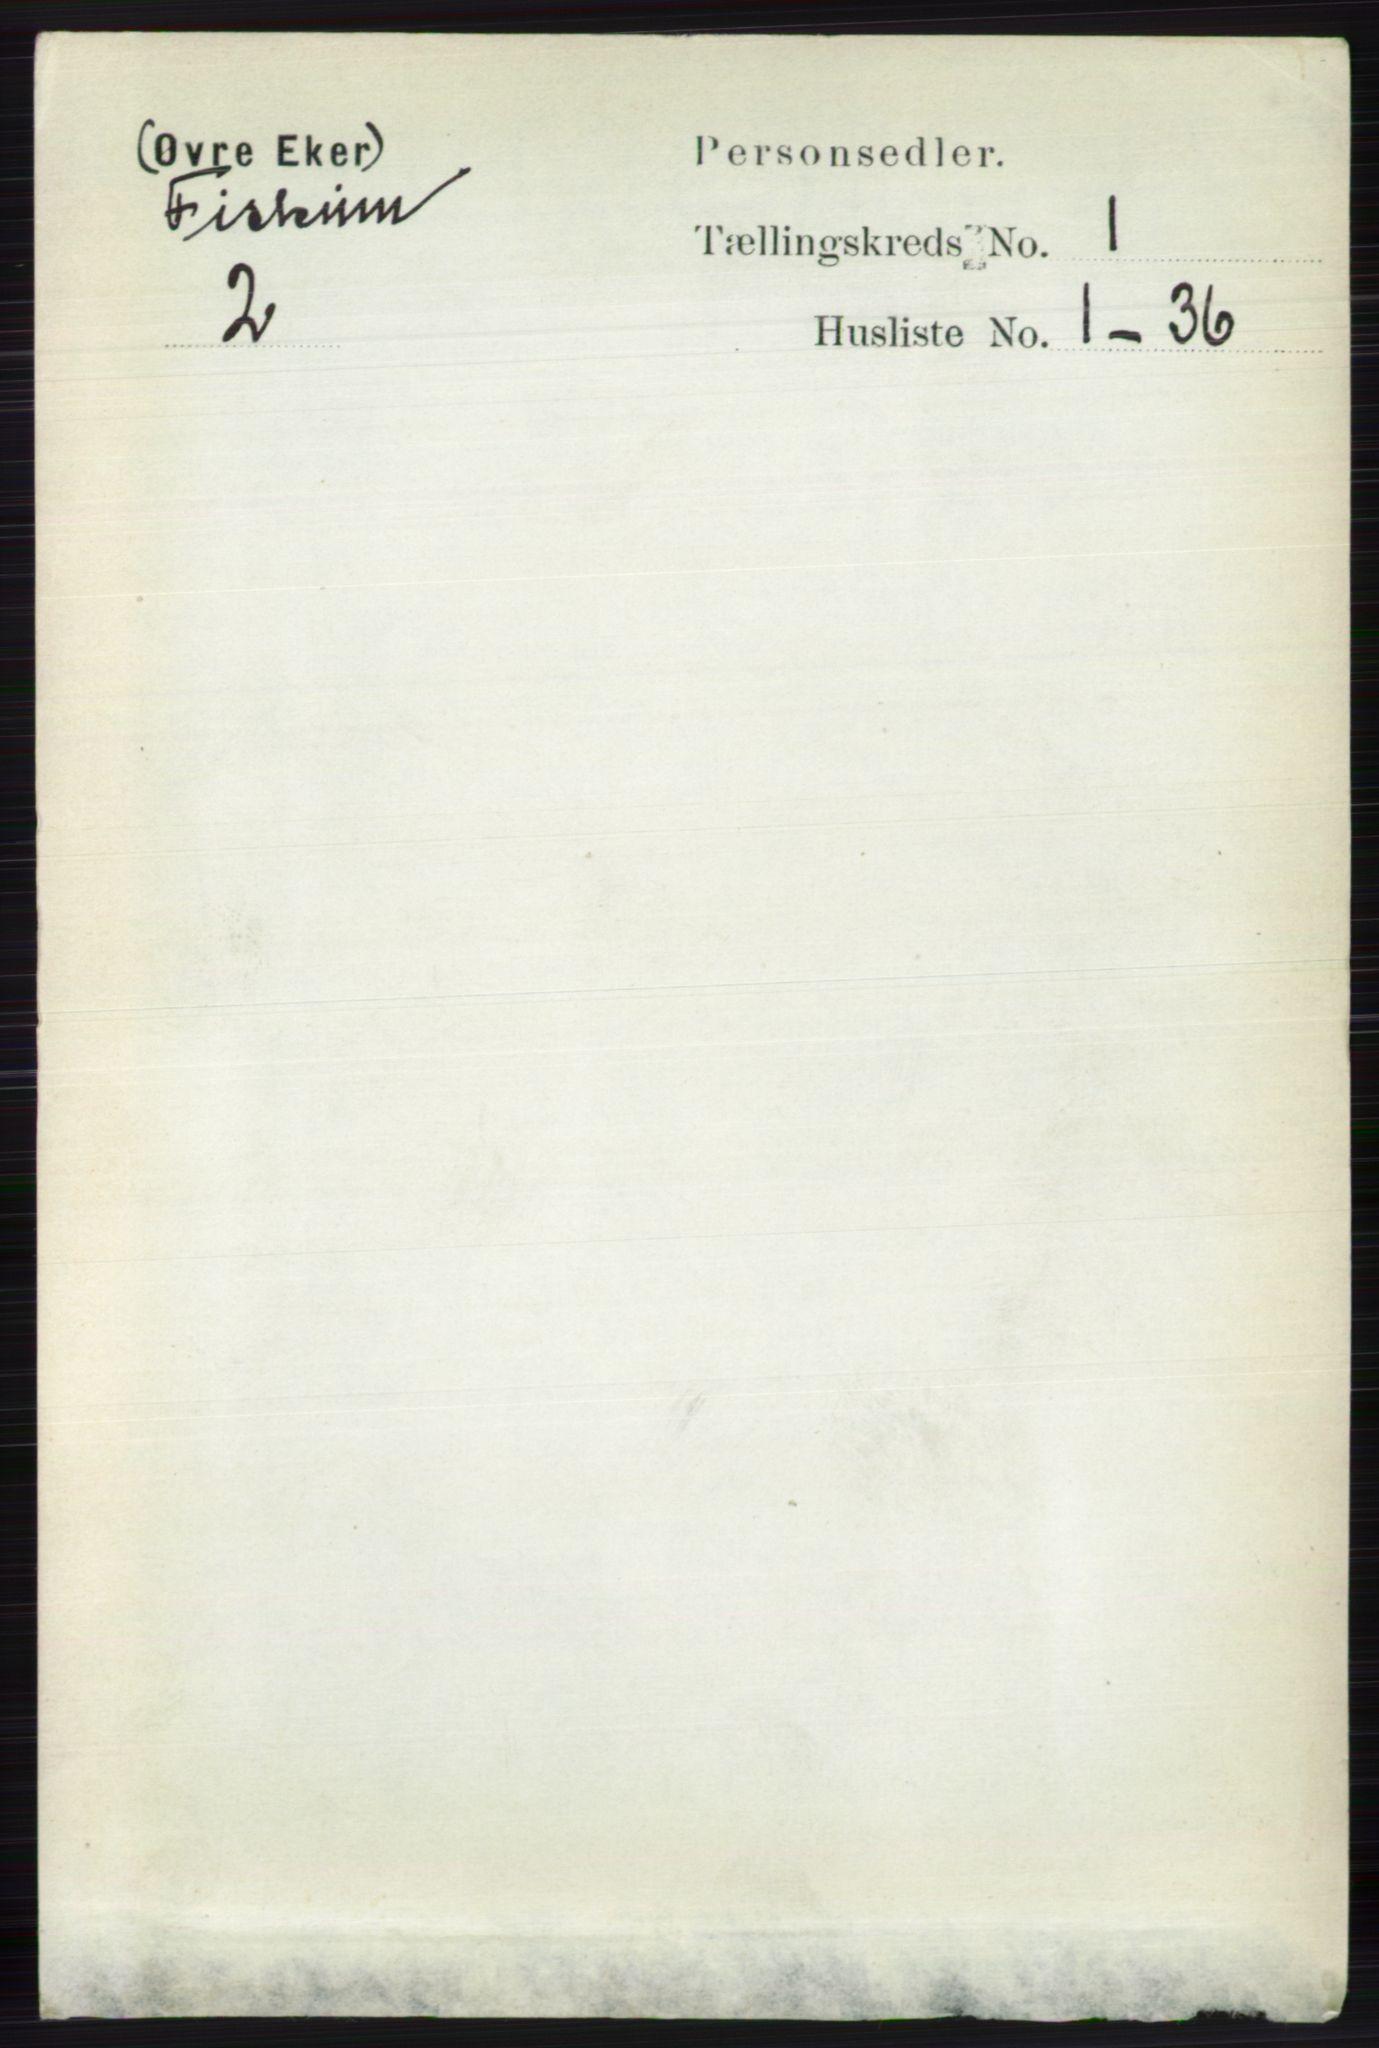 RA, Folketelling 1891 for 0624 Øvre Eiker herred, 1891, s. 7824